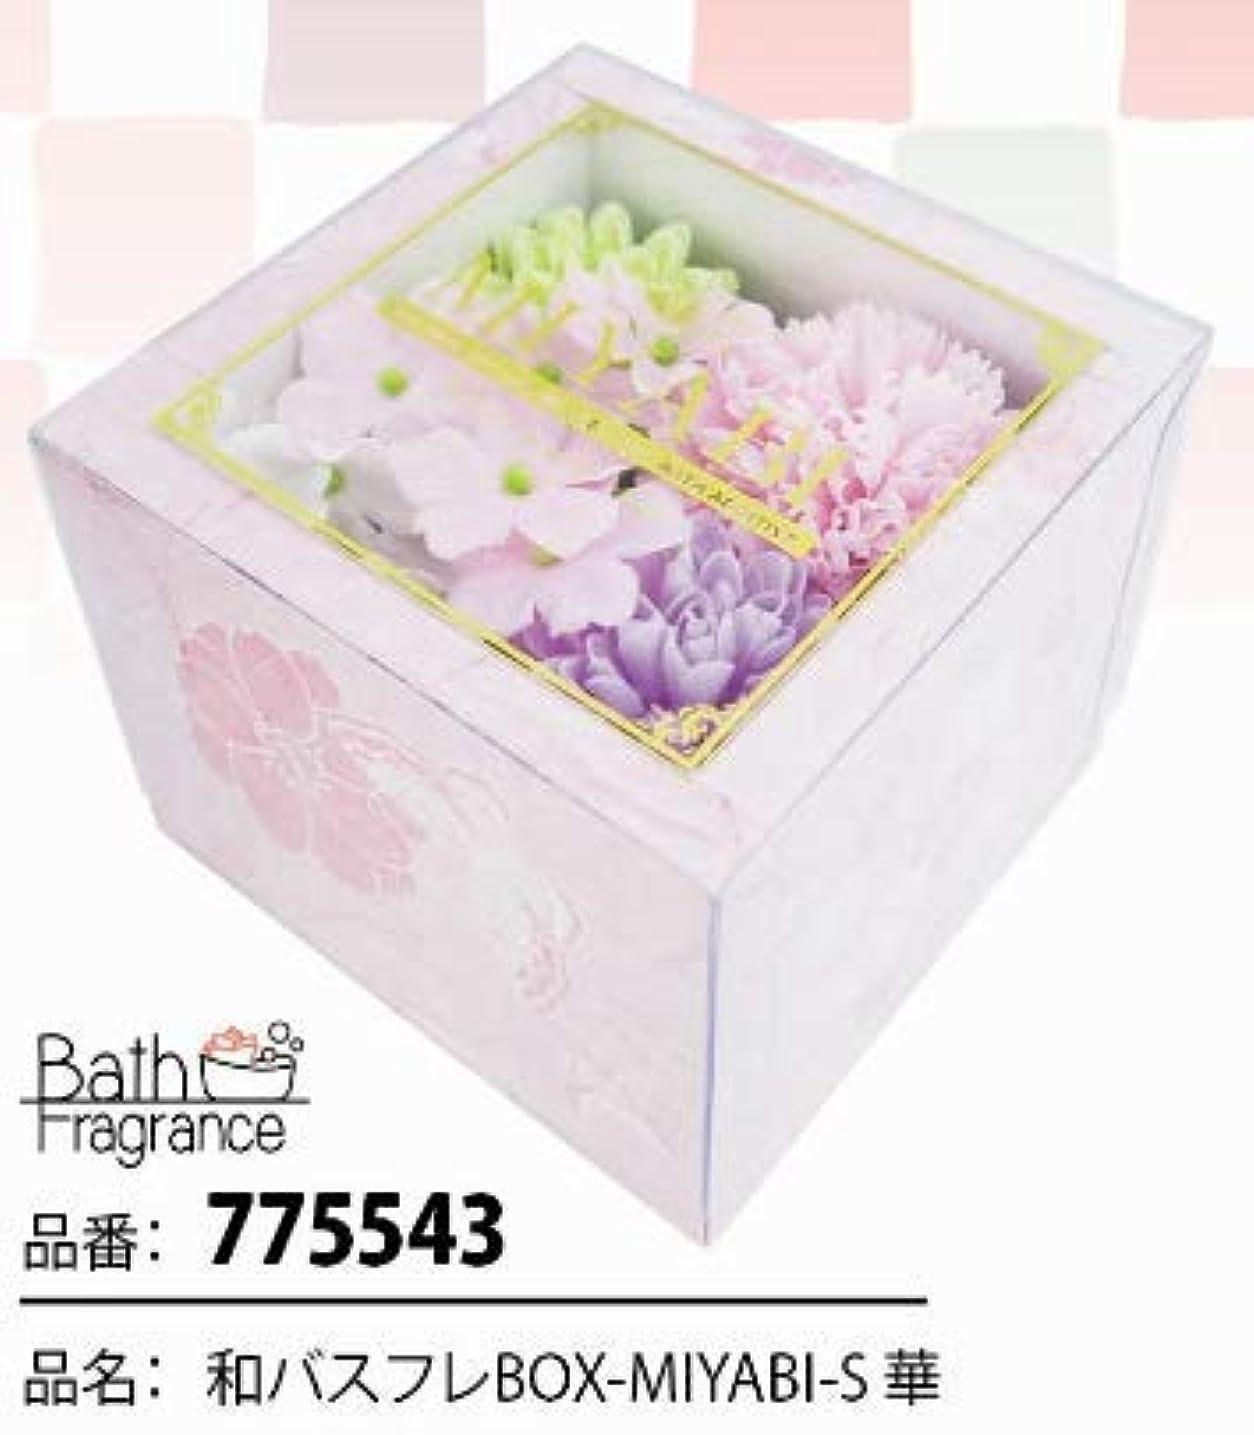 溶融底知覚的花のカタチの入浴剤 和バスフレBOX-MIYABI-S華 775543